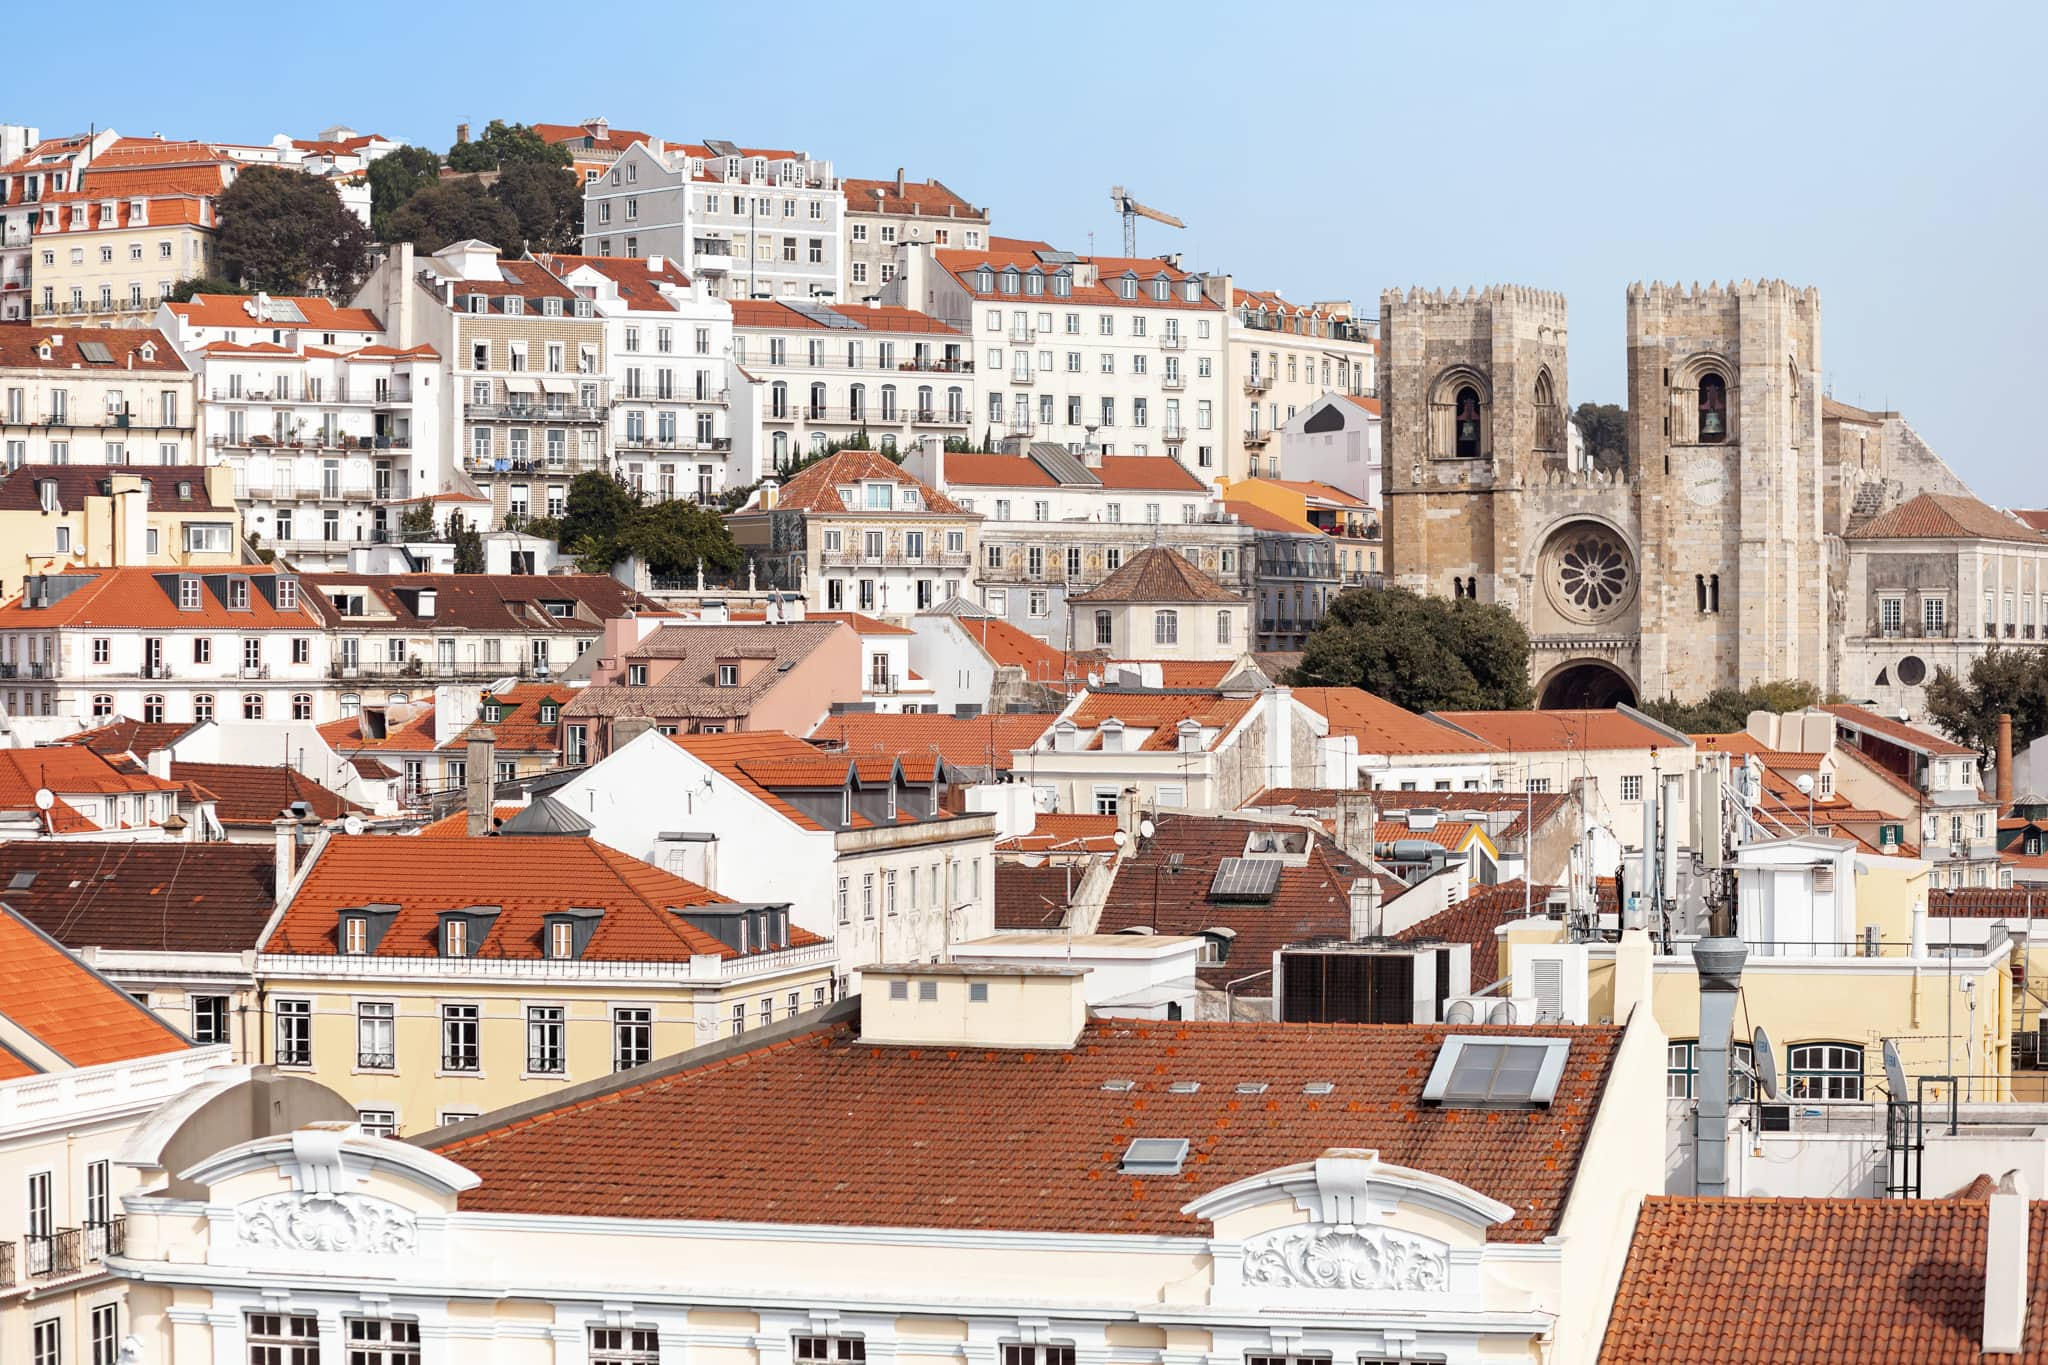 Blick auf die Innenstadt von Lissabon, Portugal, Europa